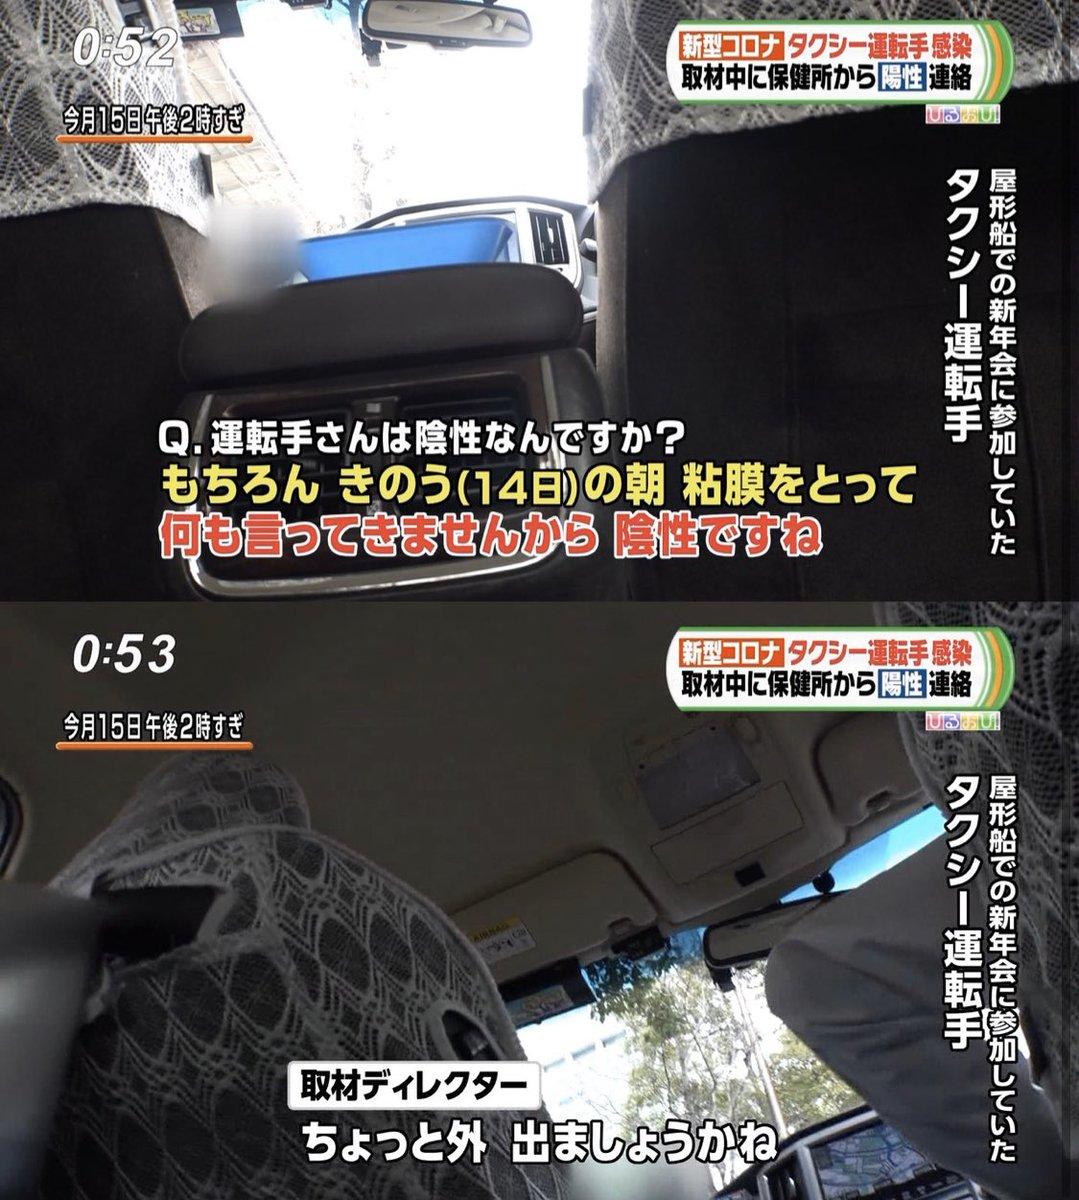 【悲報】タクシー運転手さん、コロナについての取材中に陽性診断される